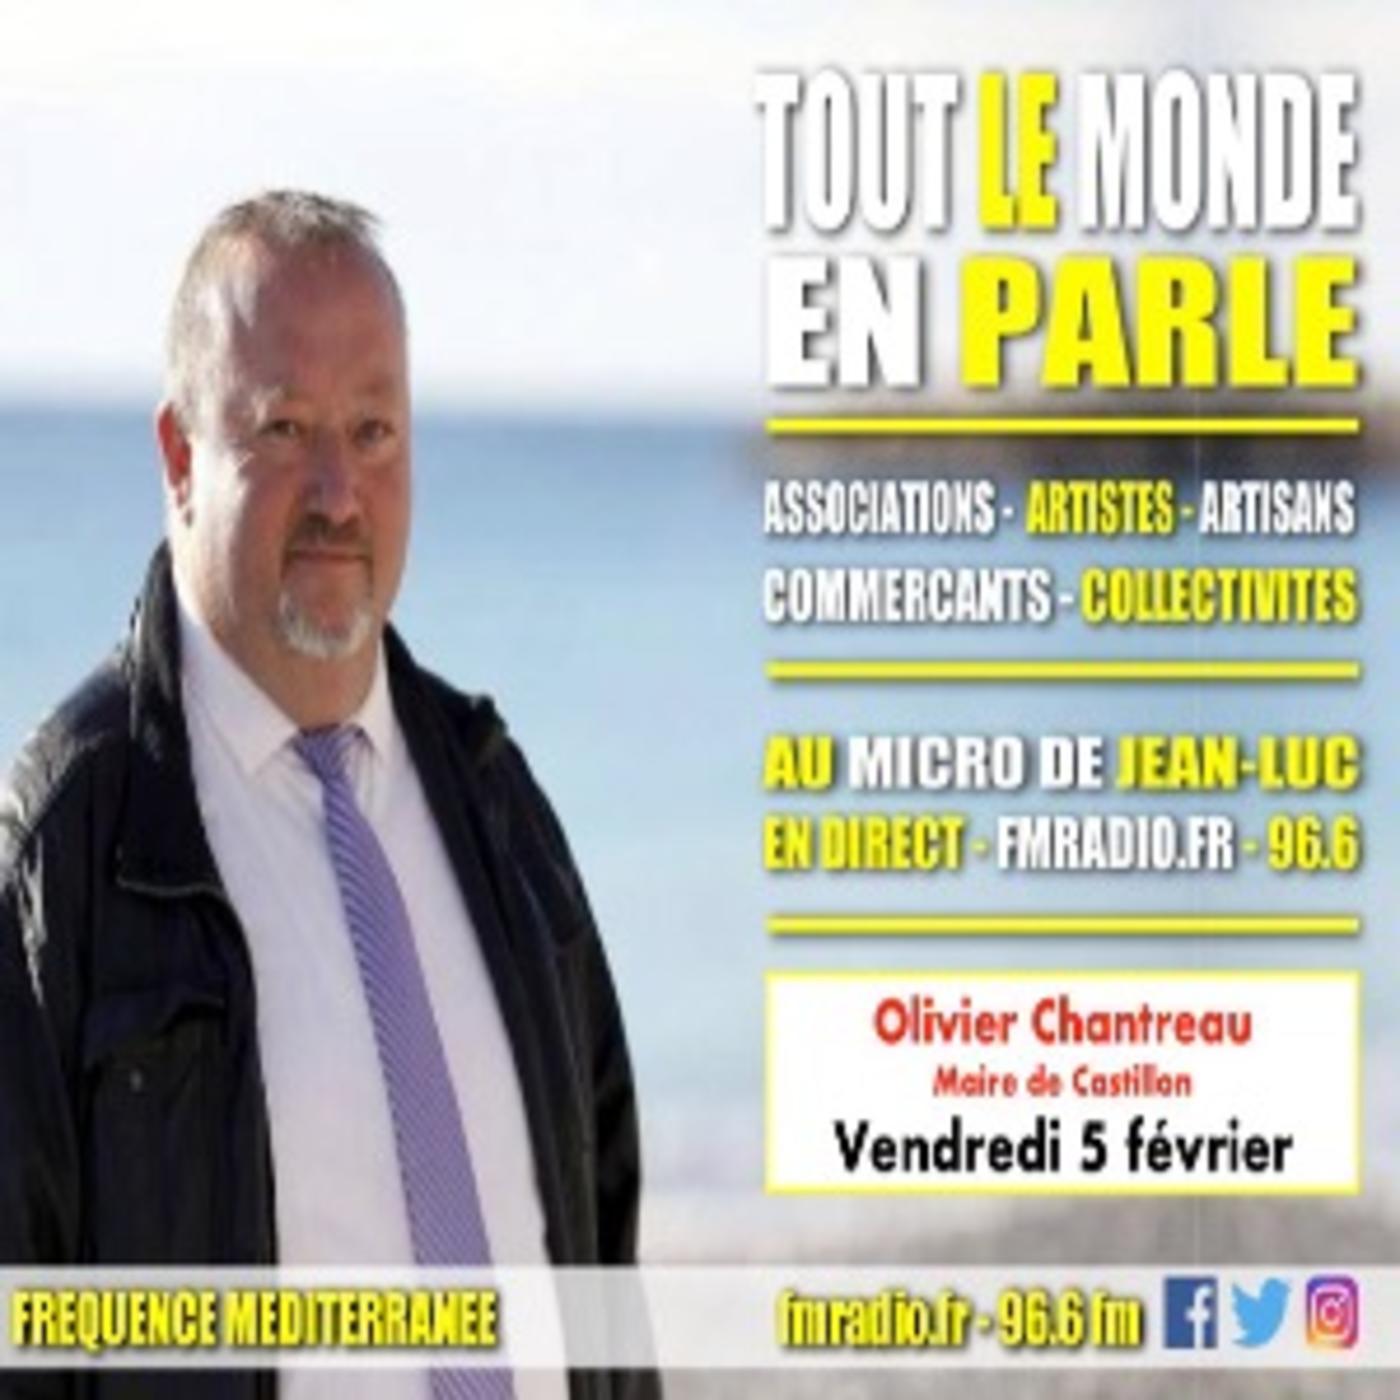 Invité - M. Olivier Chantreau ( Maire de Castillon )